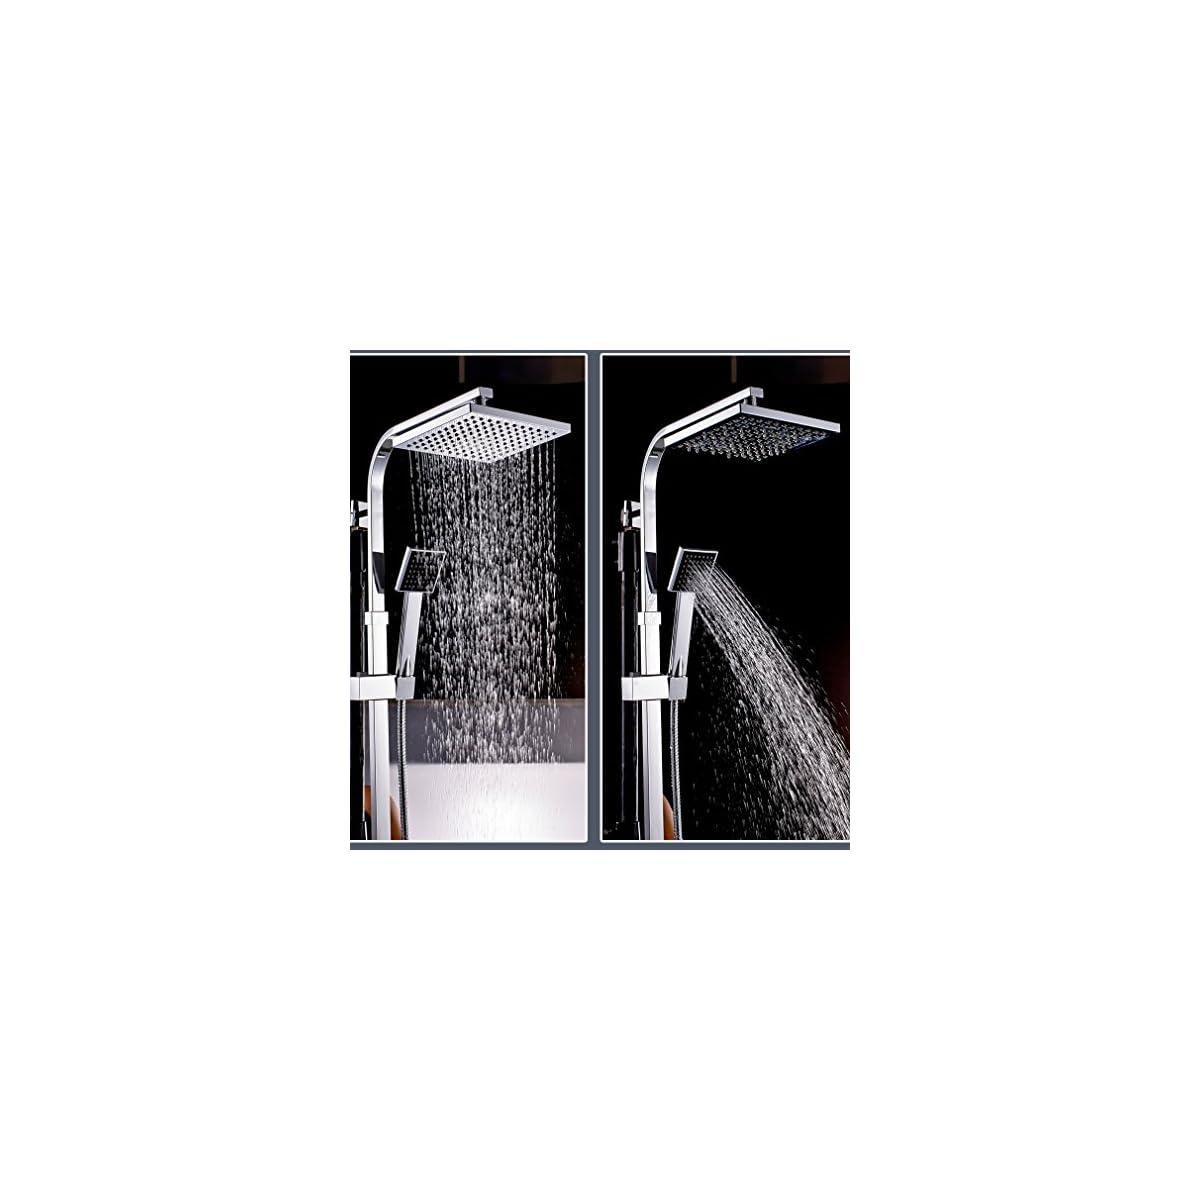 61M683qC3yL. SS1200  - Auralum® Sistema de Ducha Columna de Ducha Cuadrada con Grifería Termostática